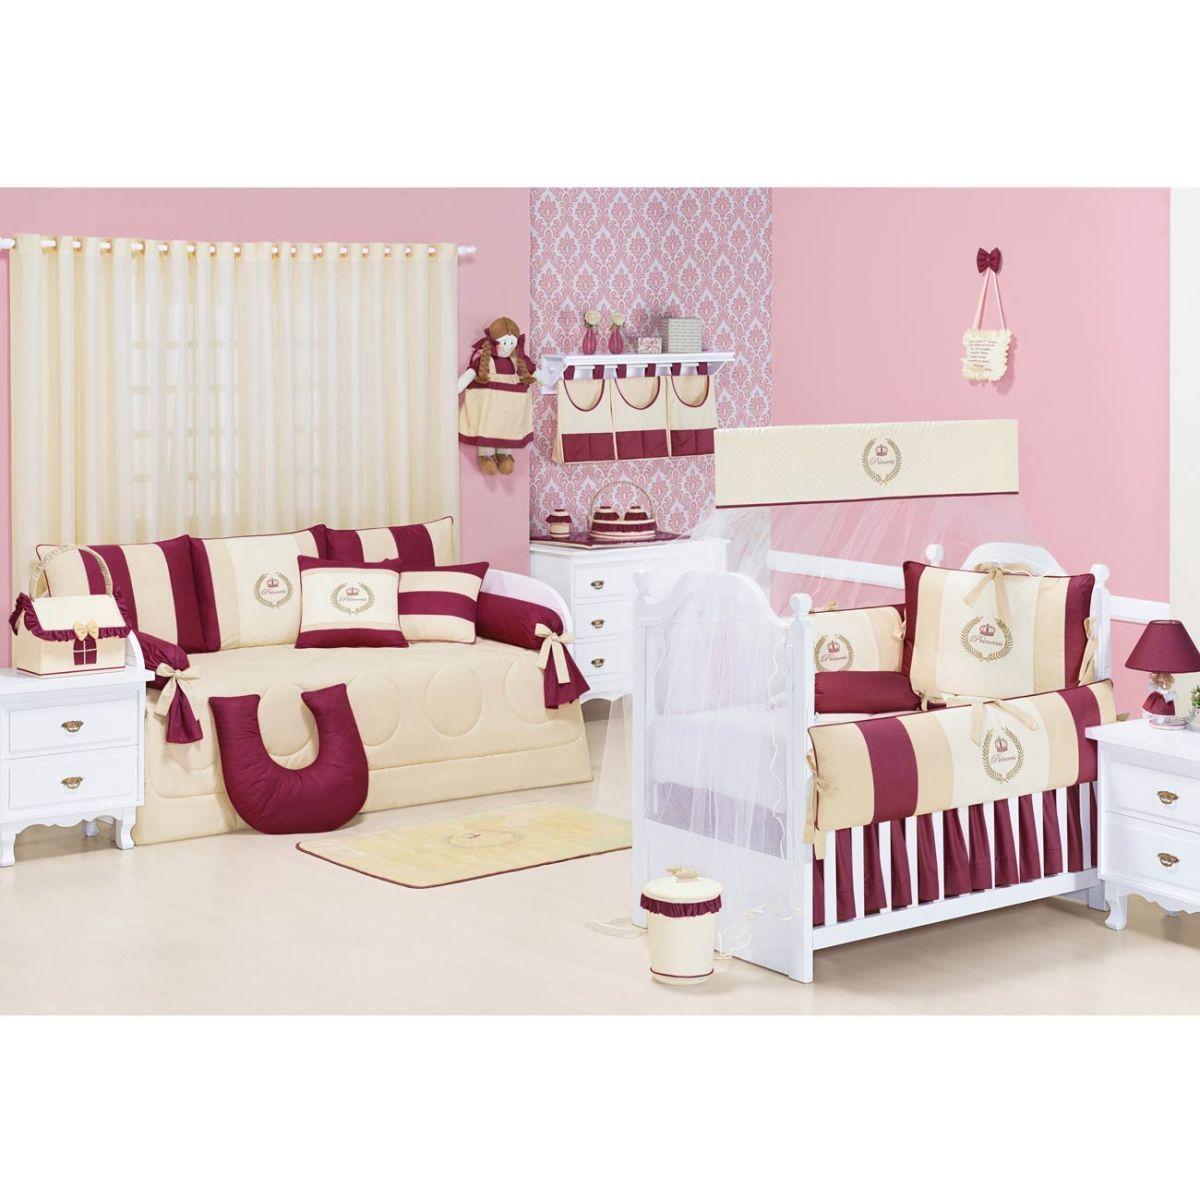 Lixeira Enfeitada p/ Quarto de Bebê - Coleção My Princess Bordo